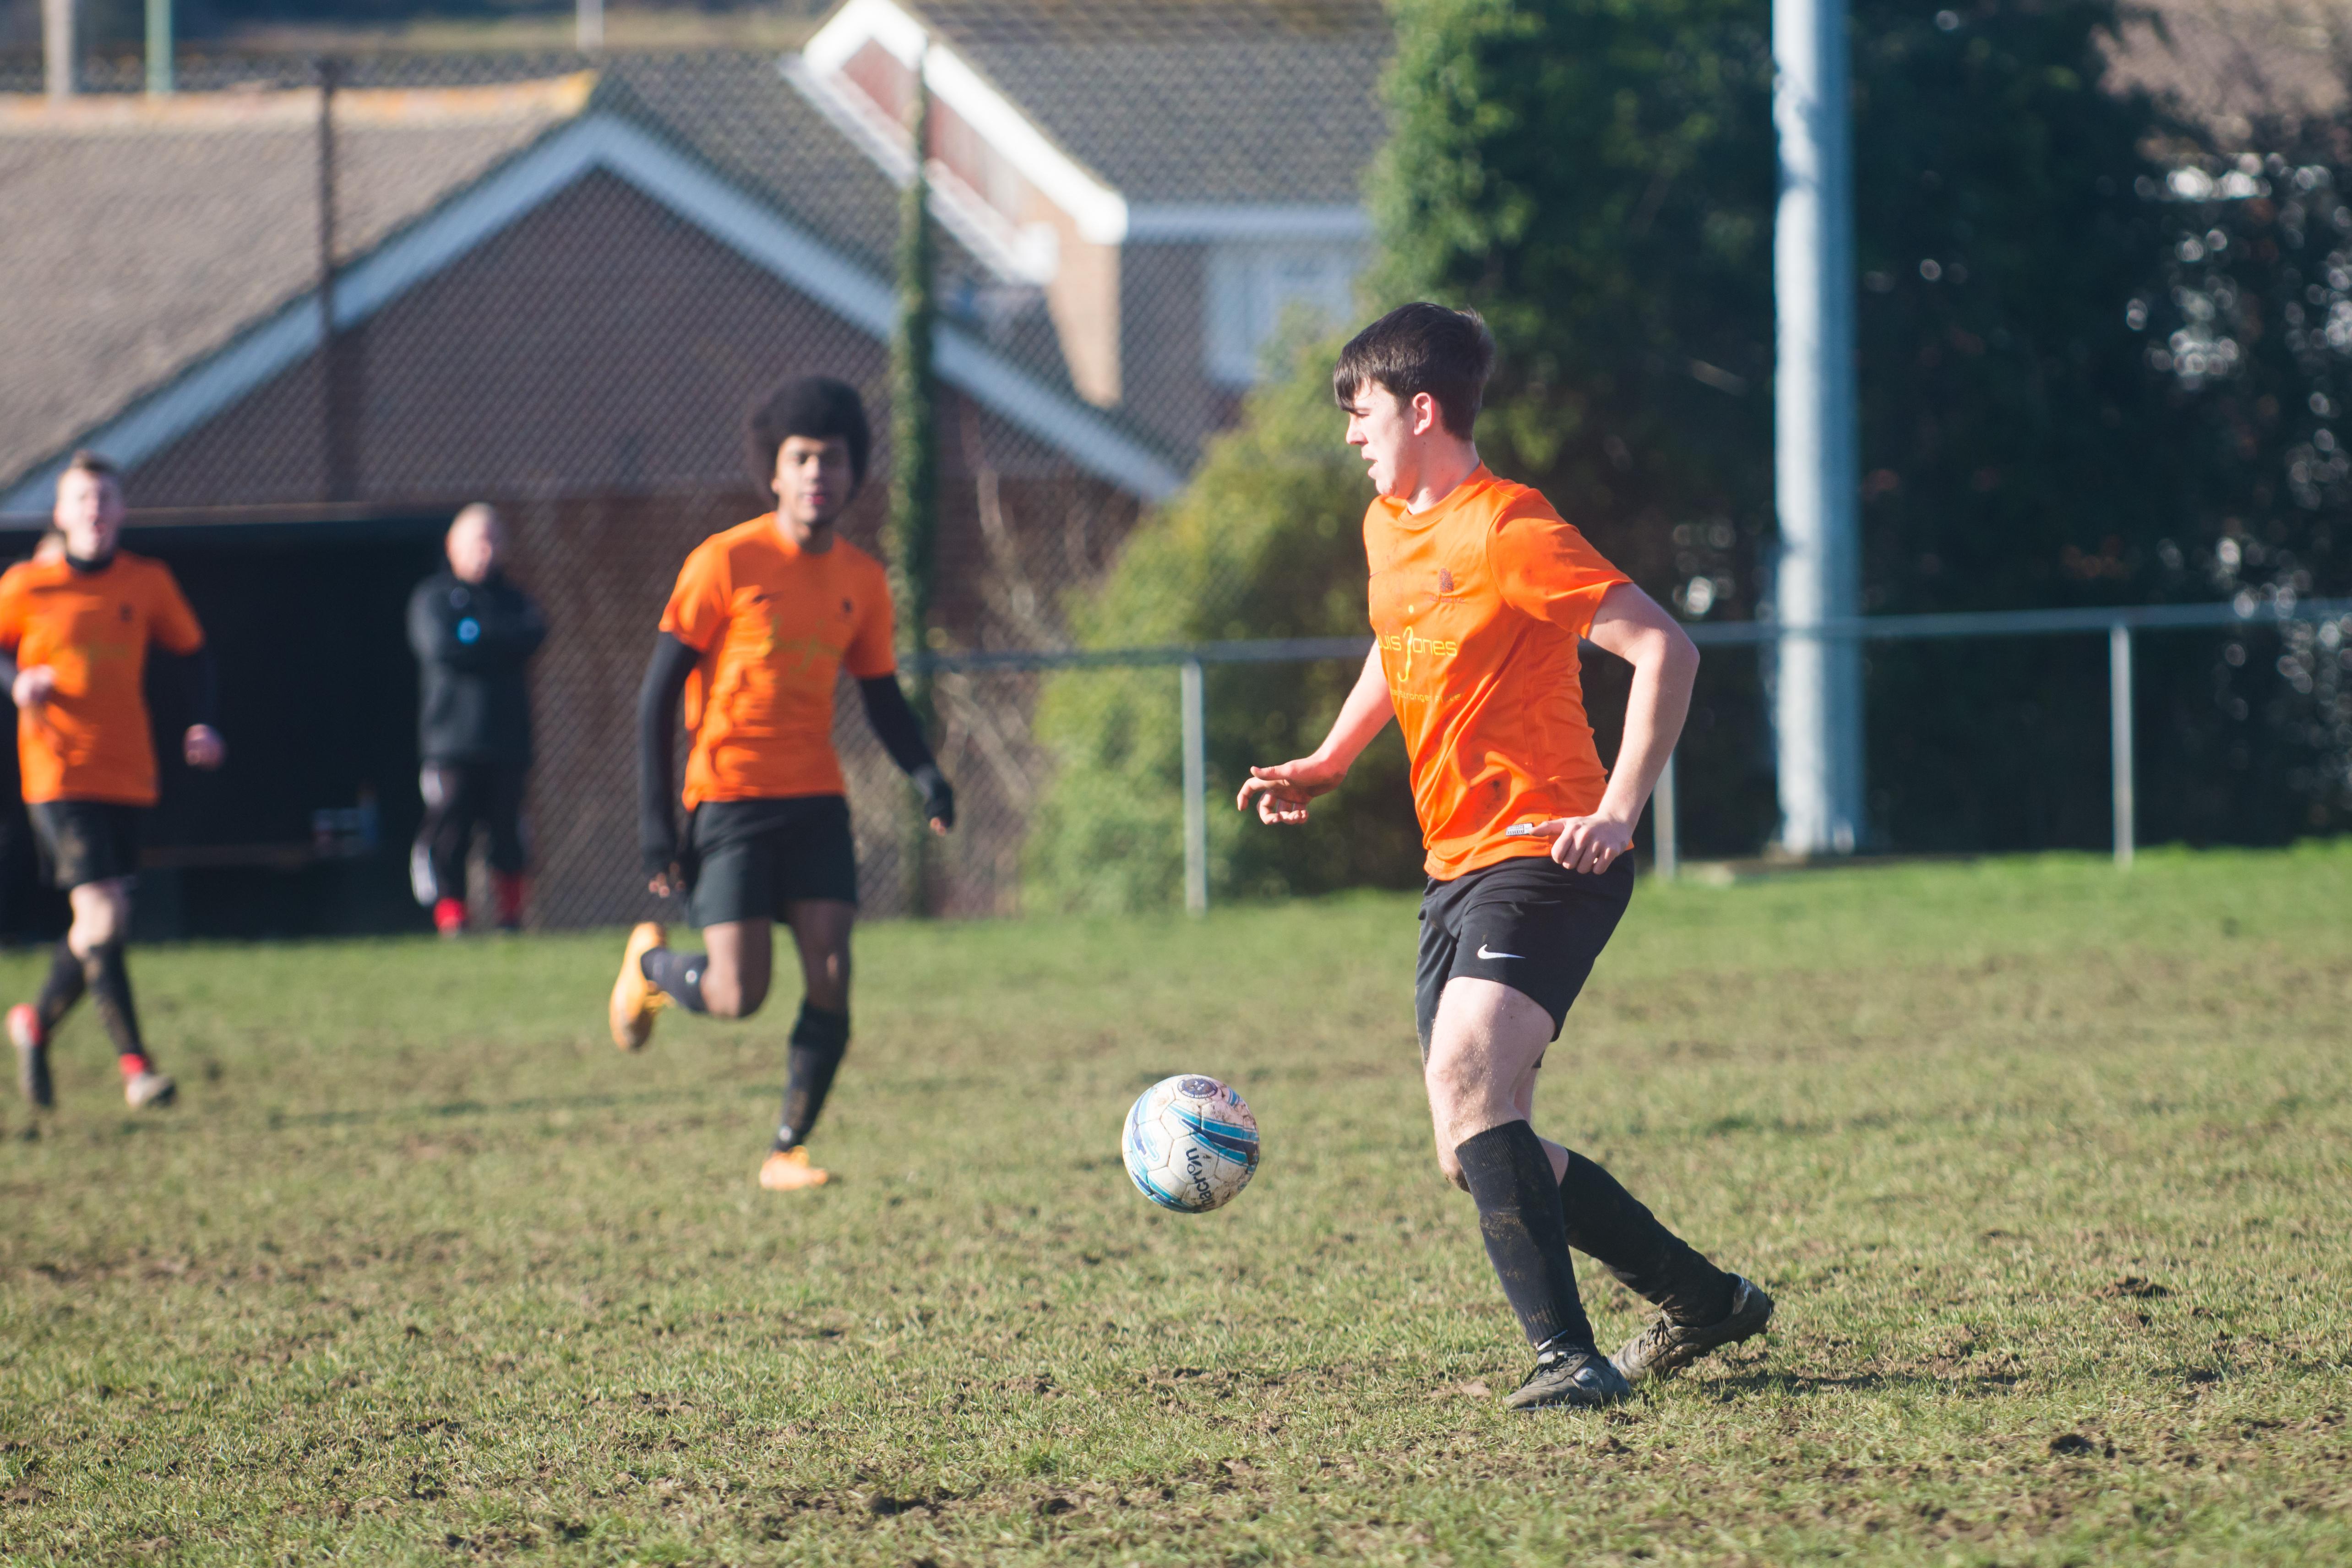 Mile Oak FC U18s vs Newhaven FC U18s 04.02.18 36